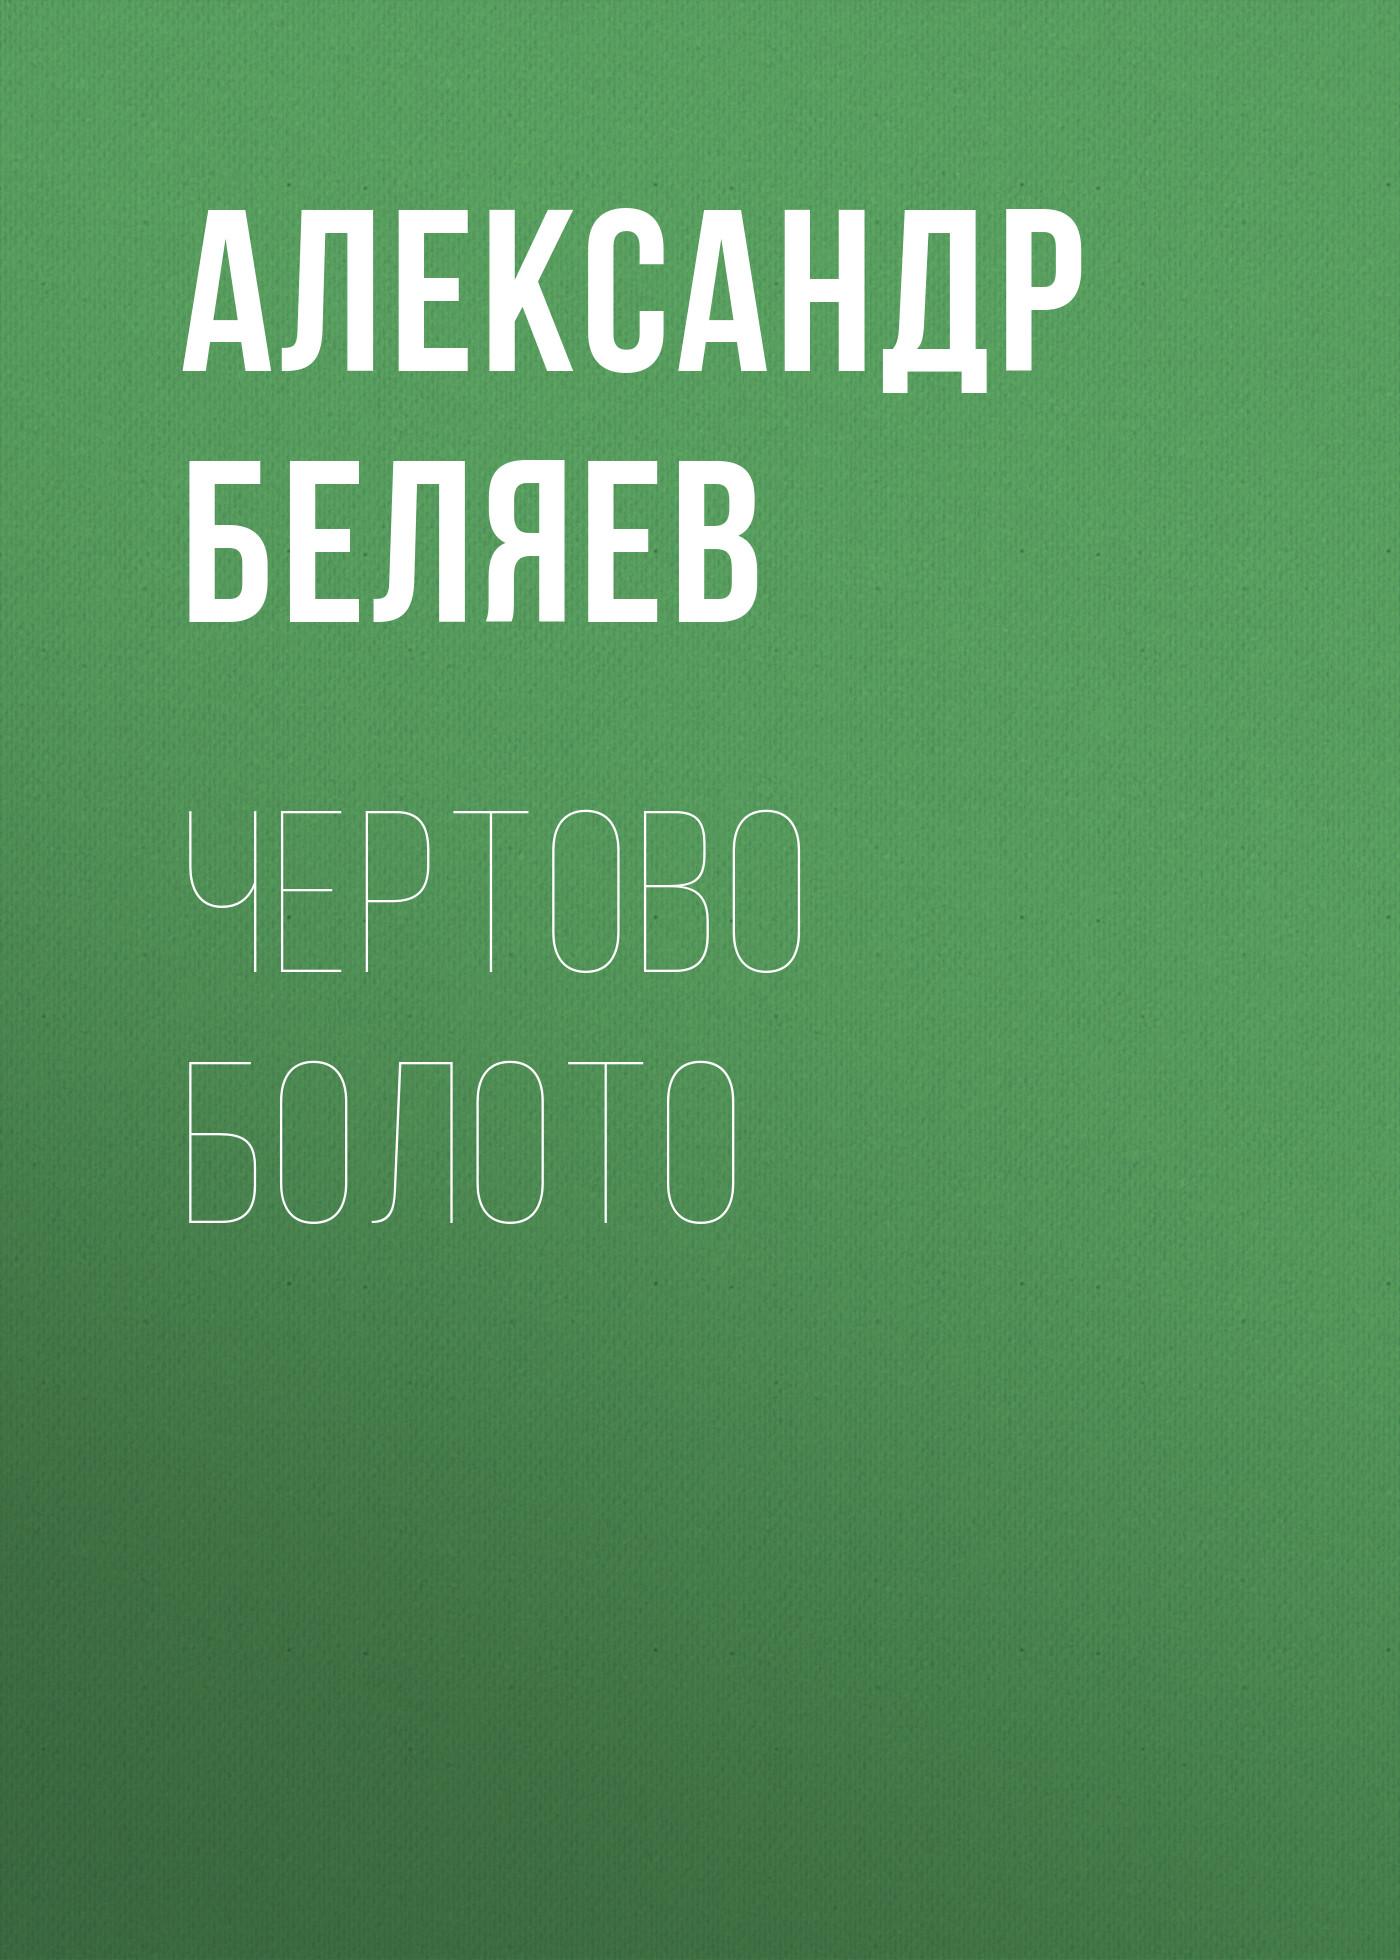 цена на Александр Беляев Чертово болото